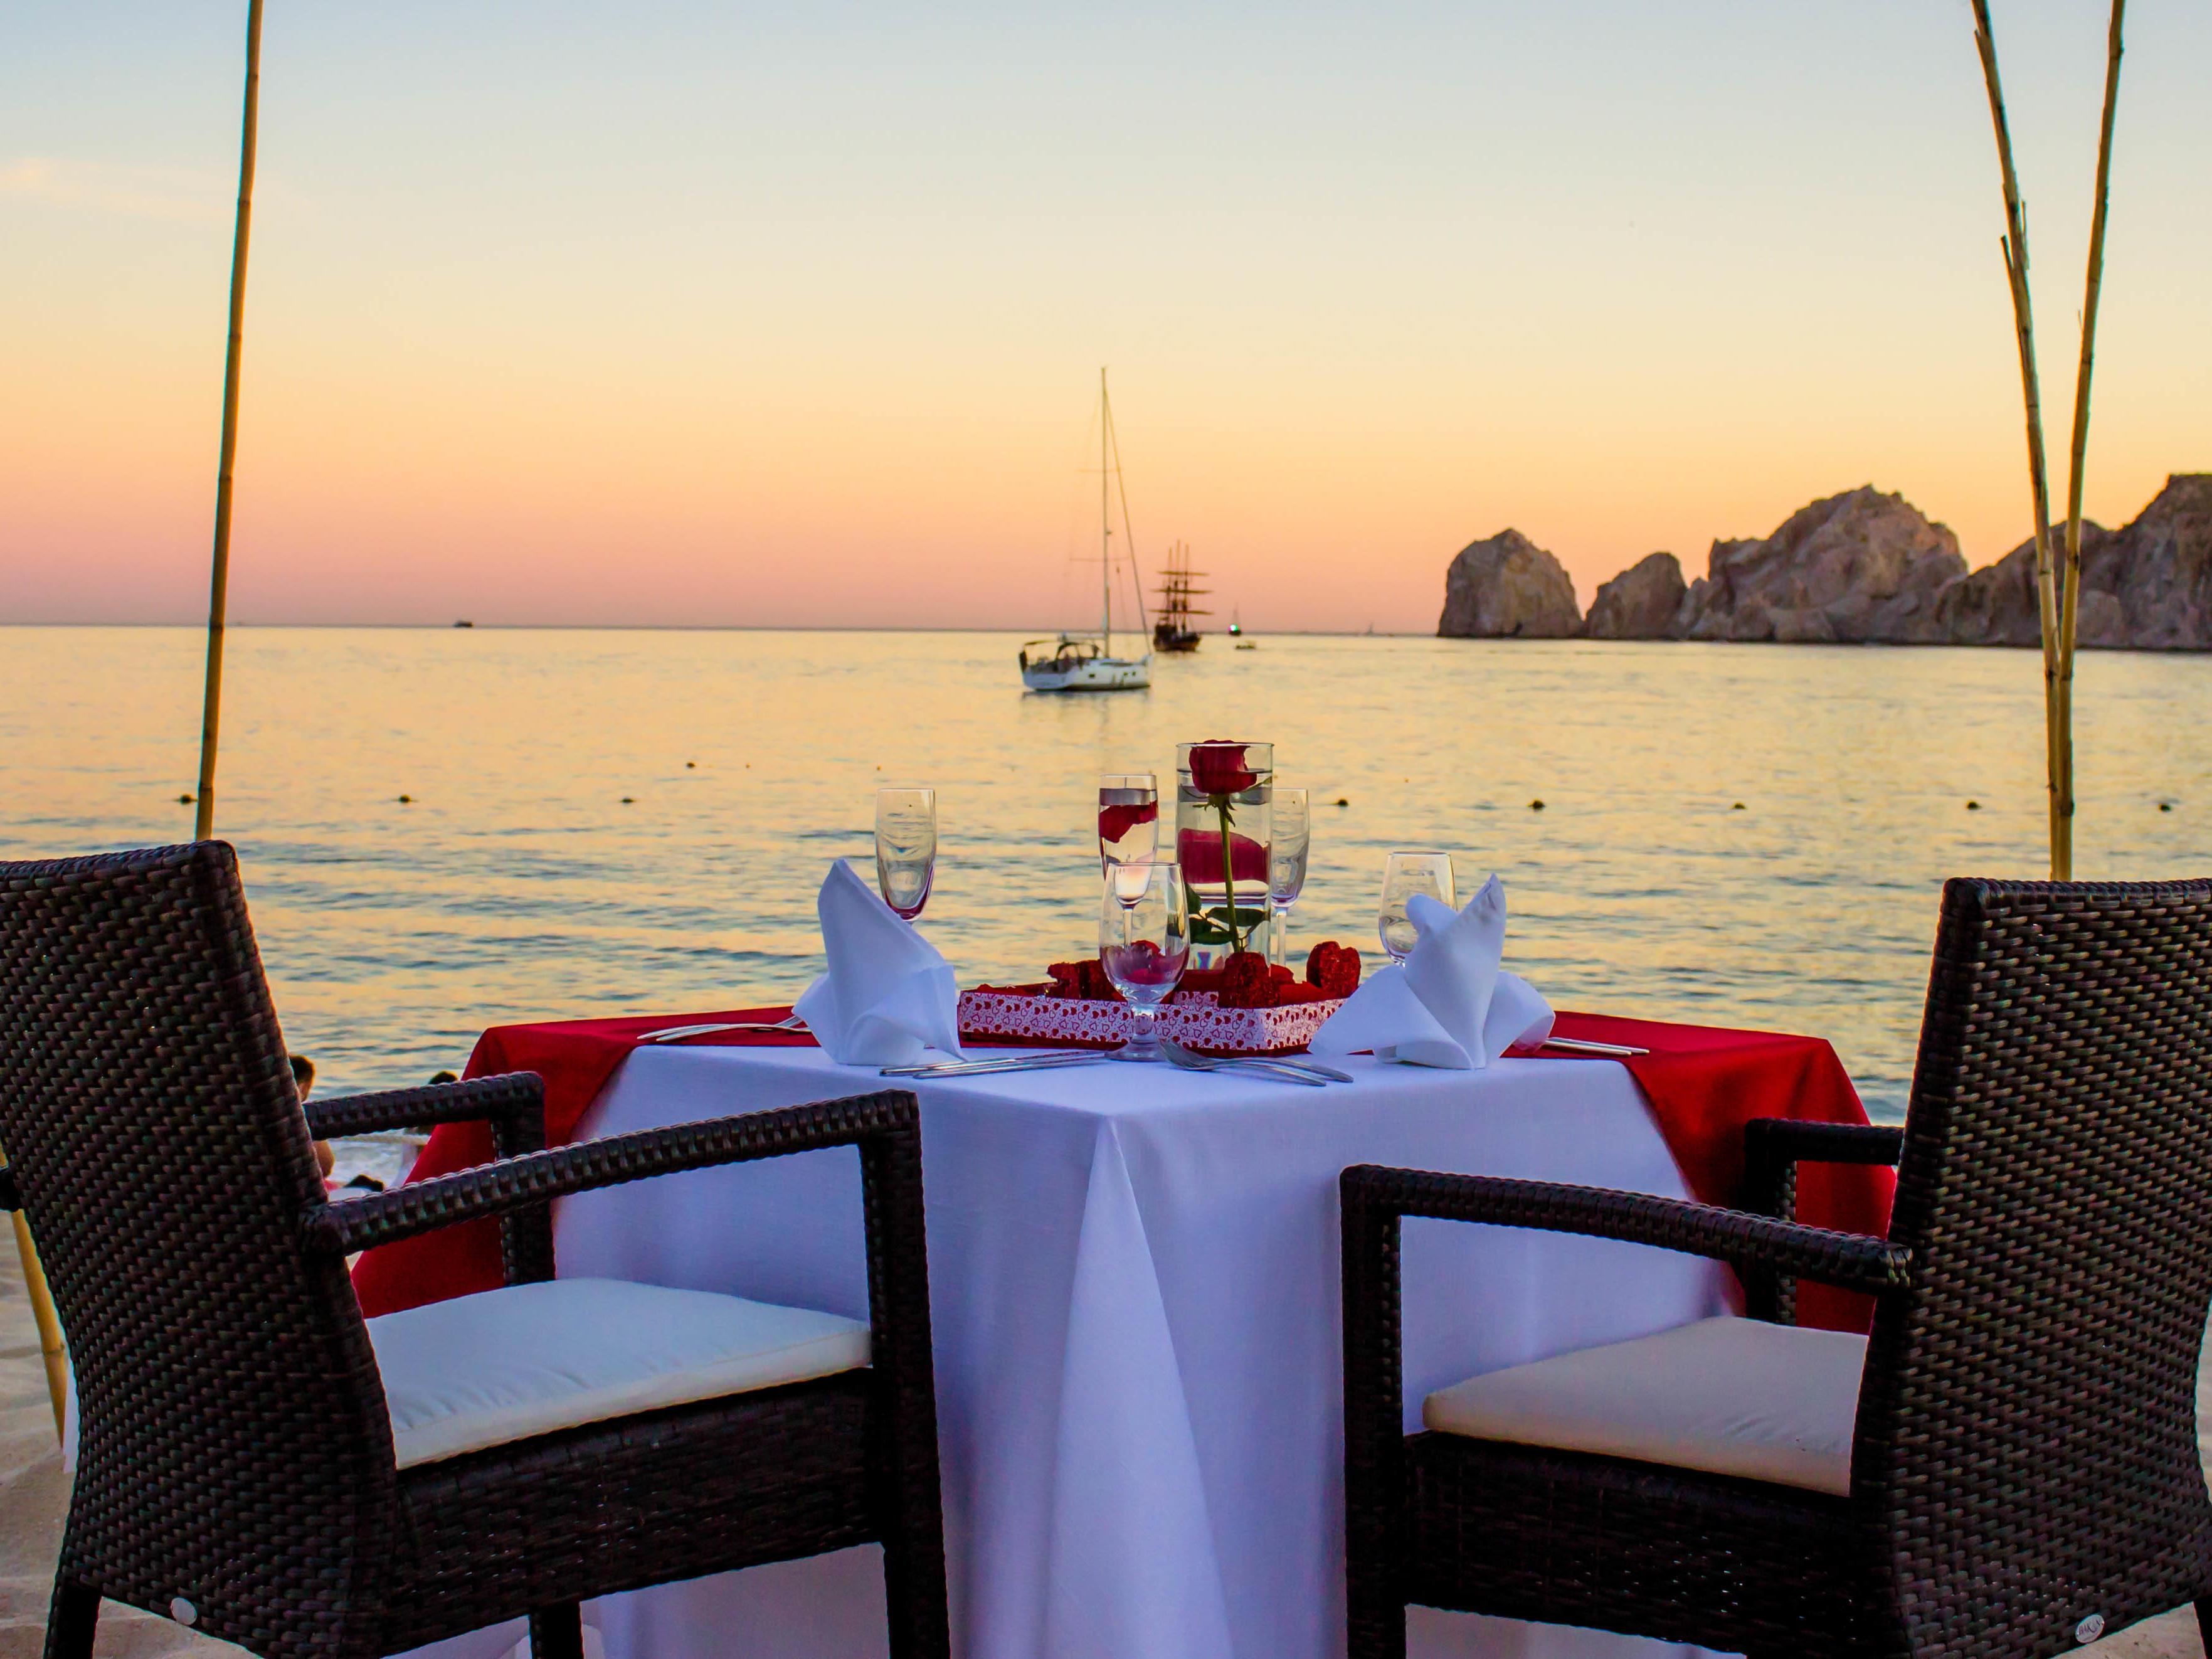 Restaurant Outdoor Sitting